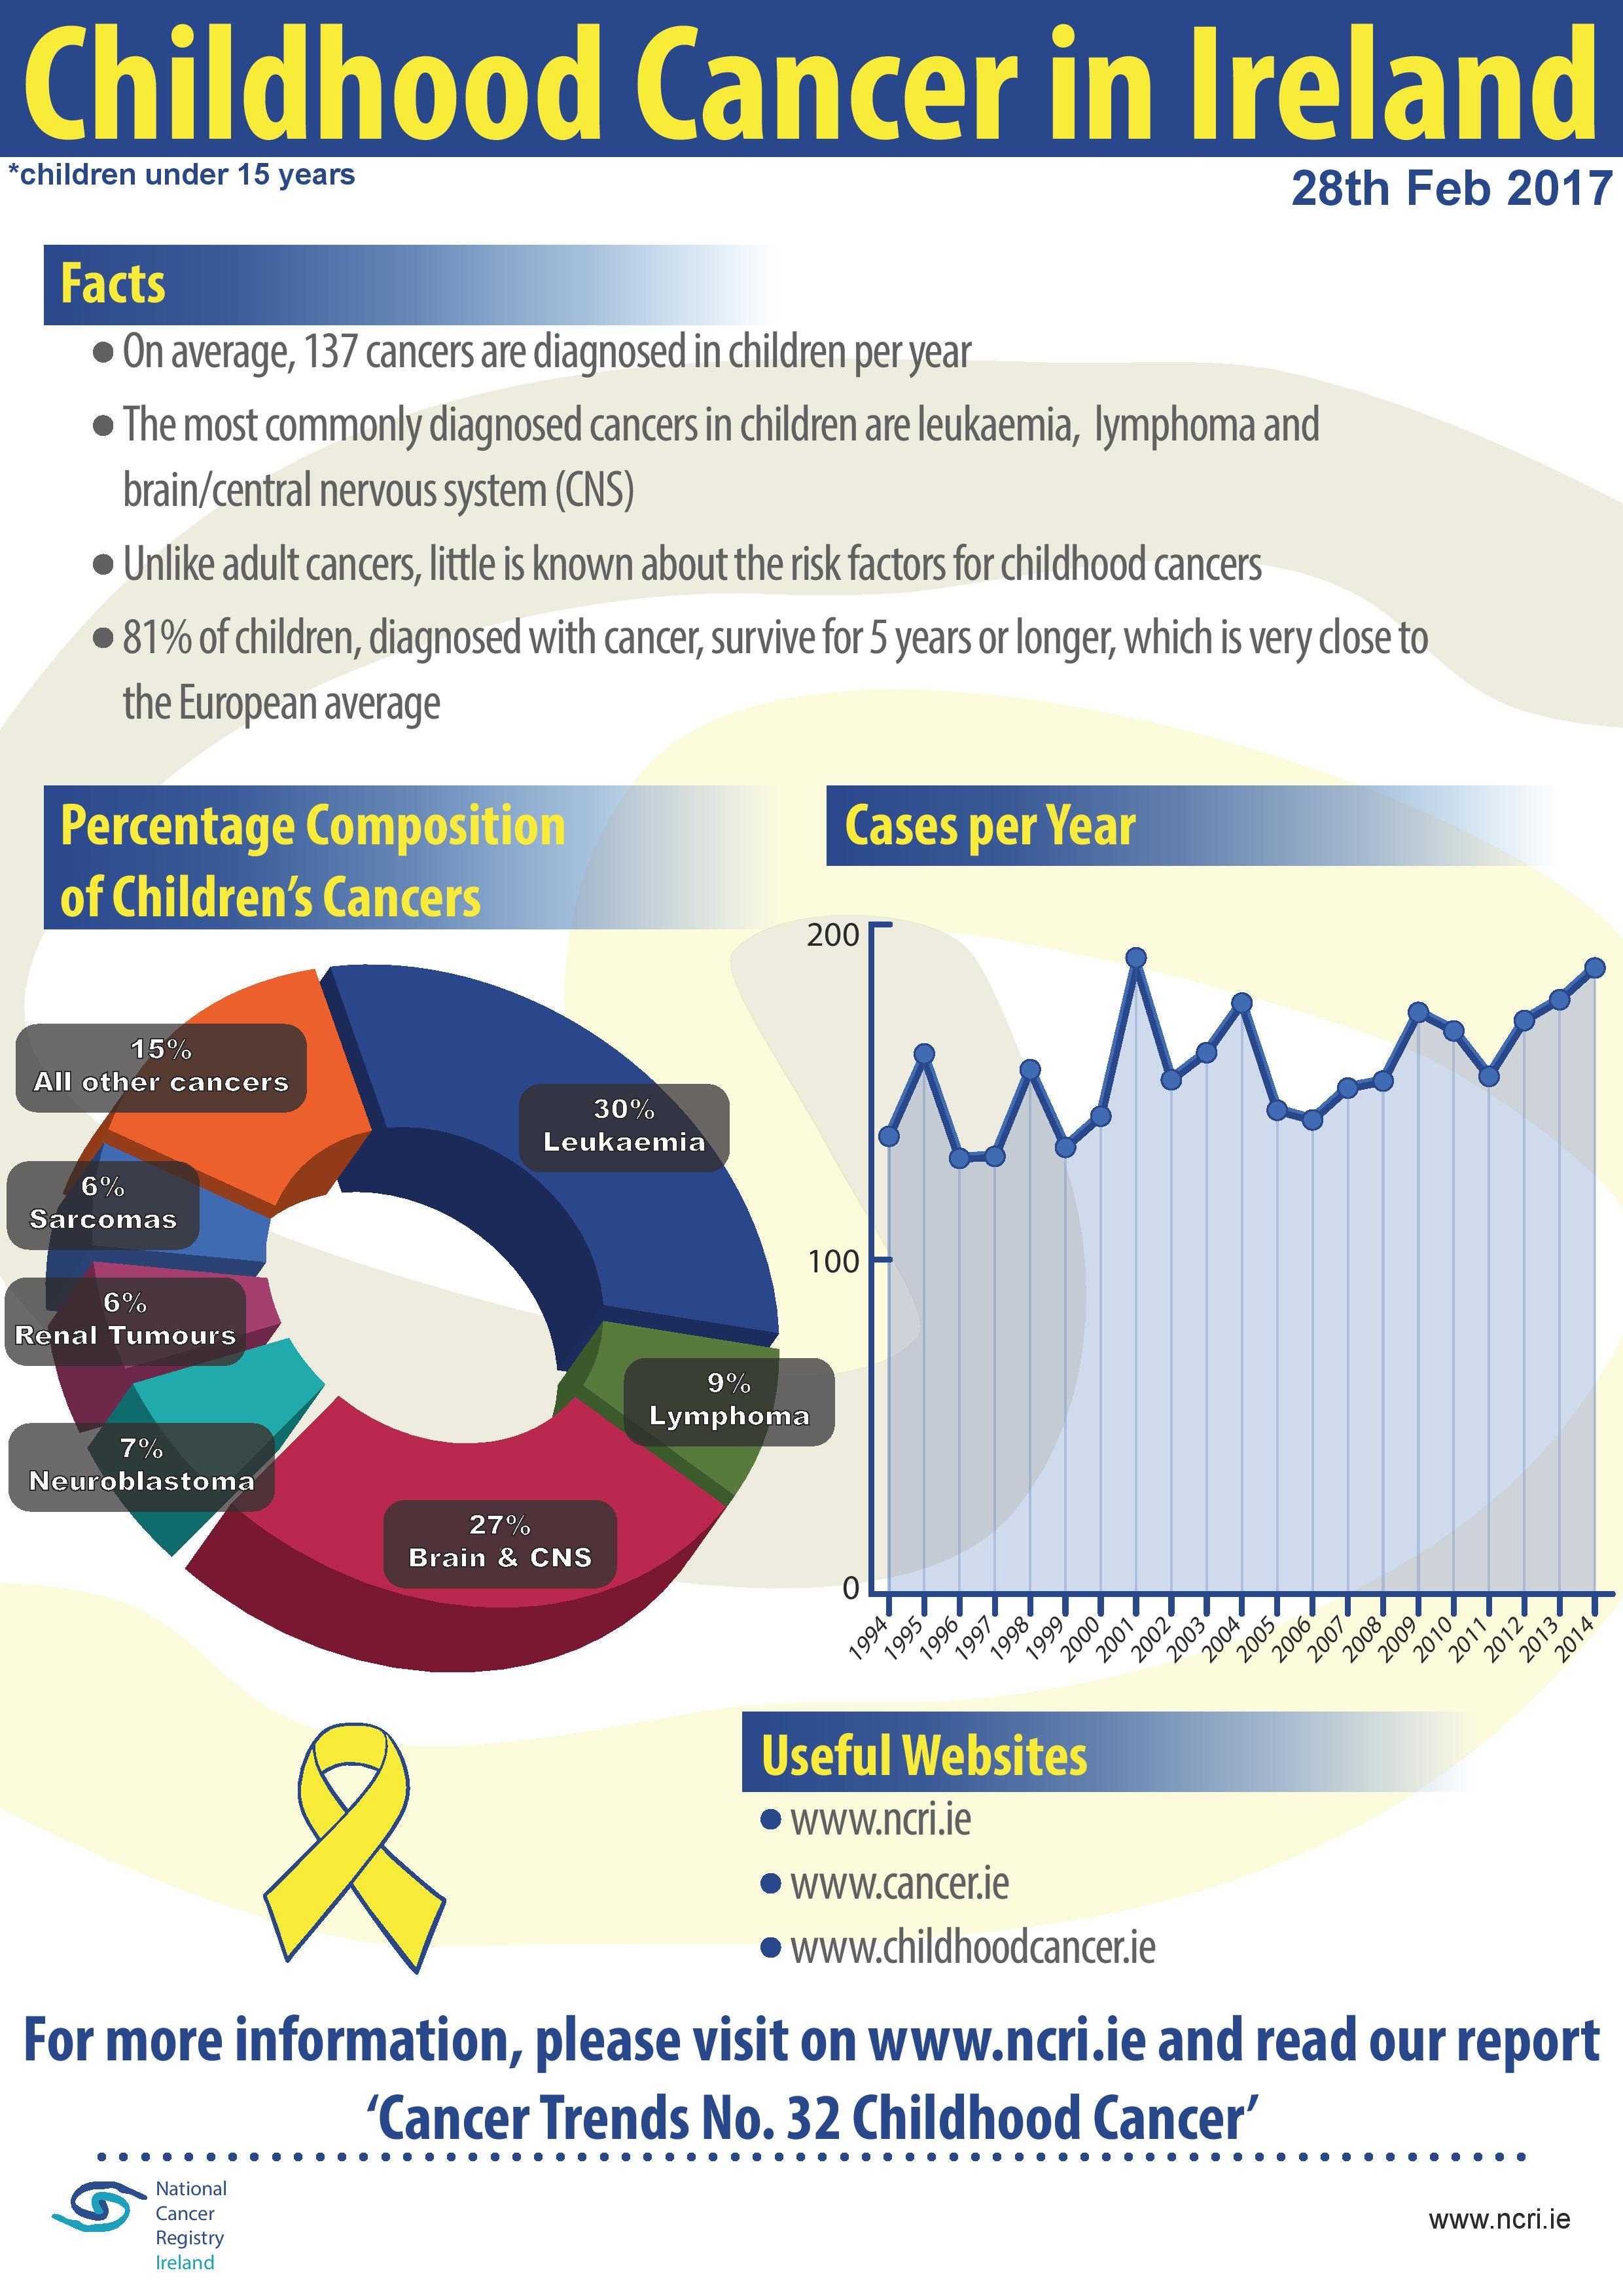 Childhood Cancer in Ireland